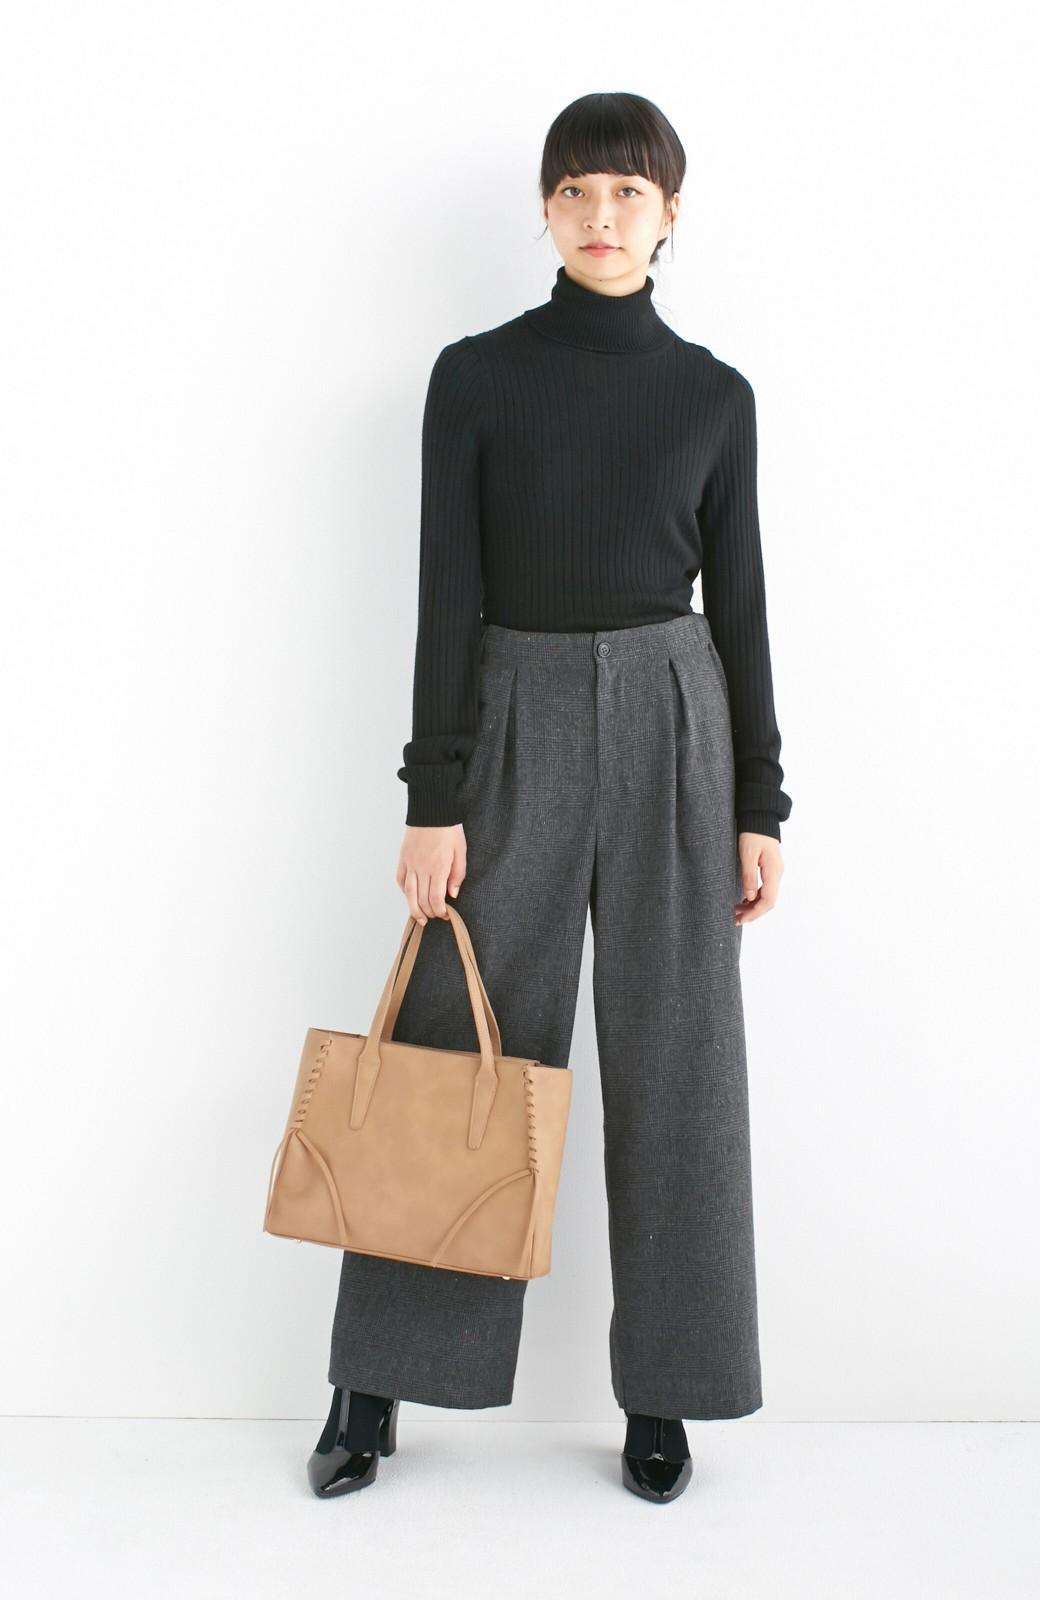 エムトロワ 編み込みデザインがかわいいフェミニントートバッグ <ベージュ>の商品写真6